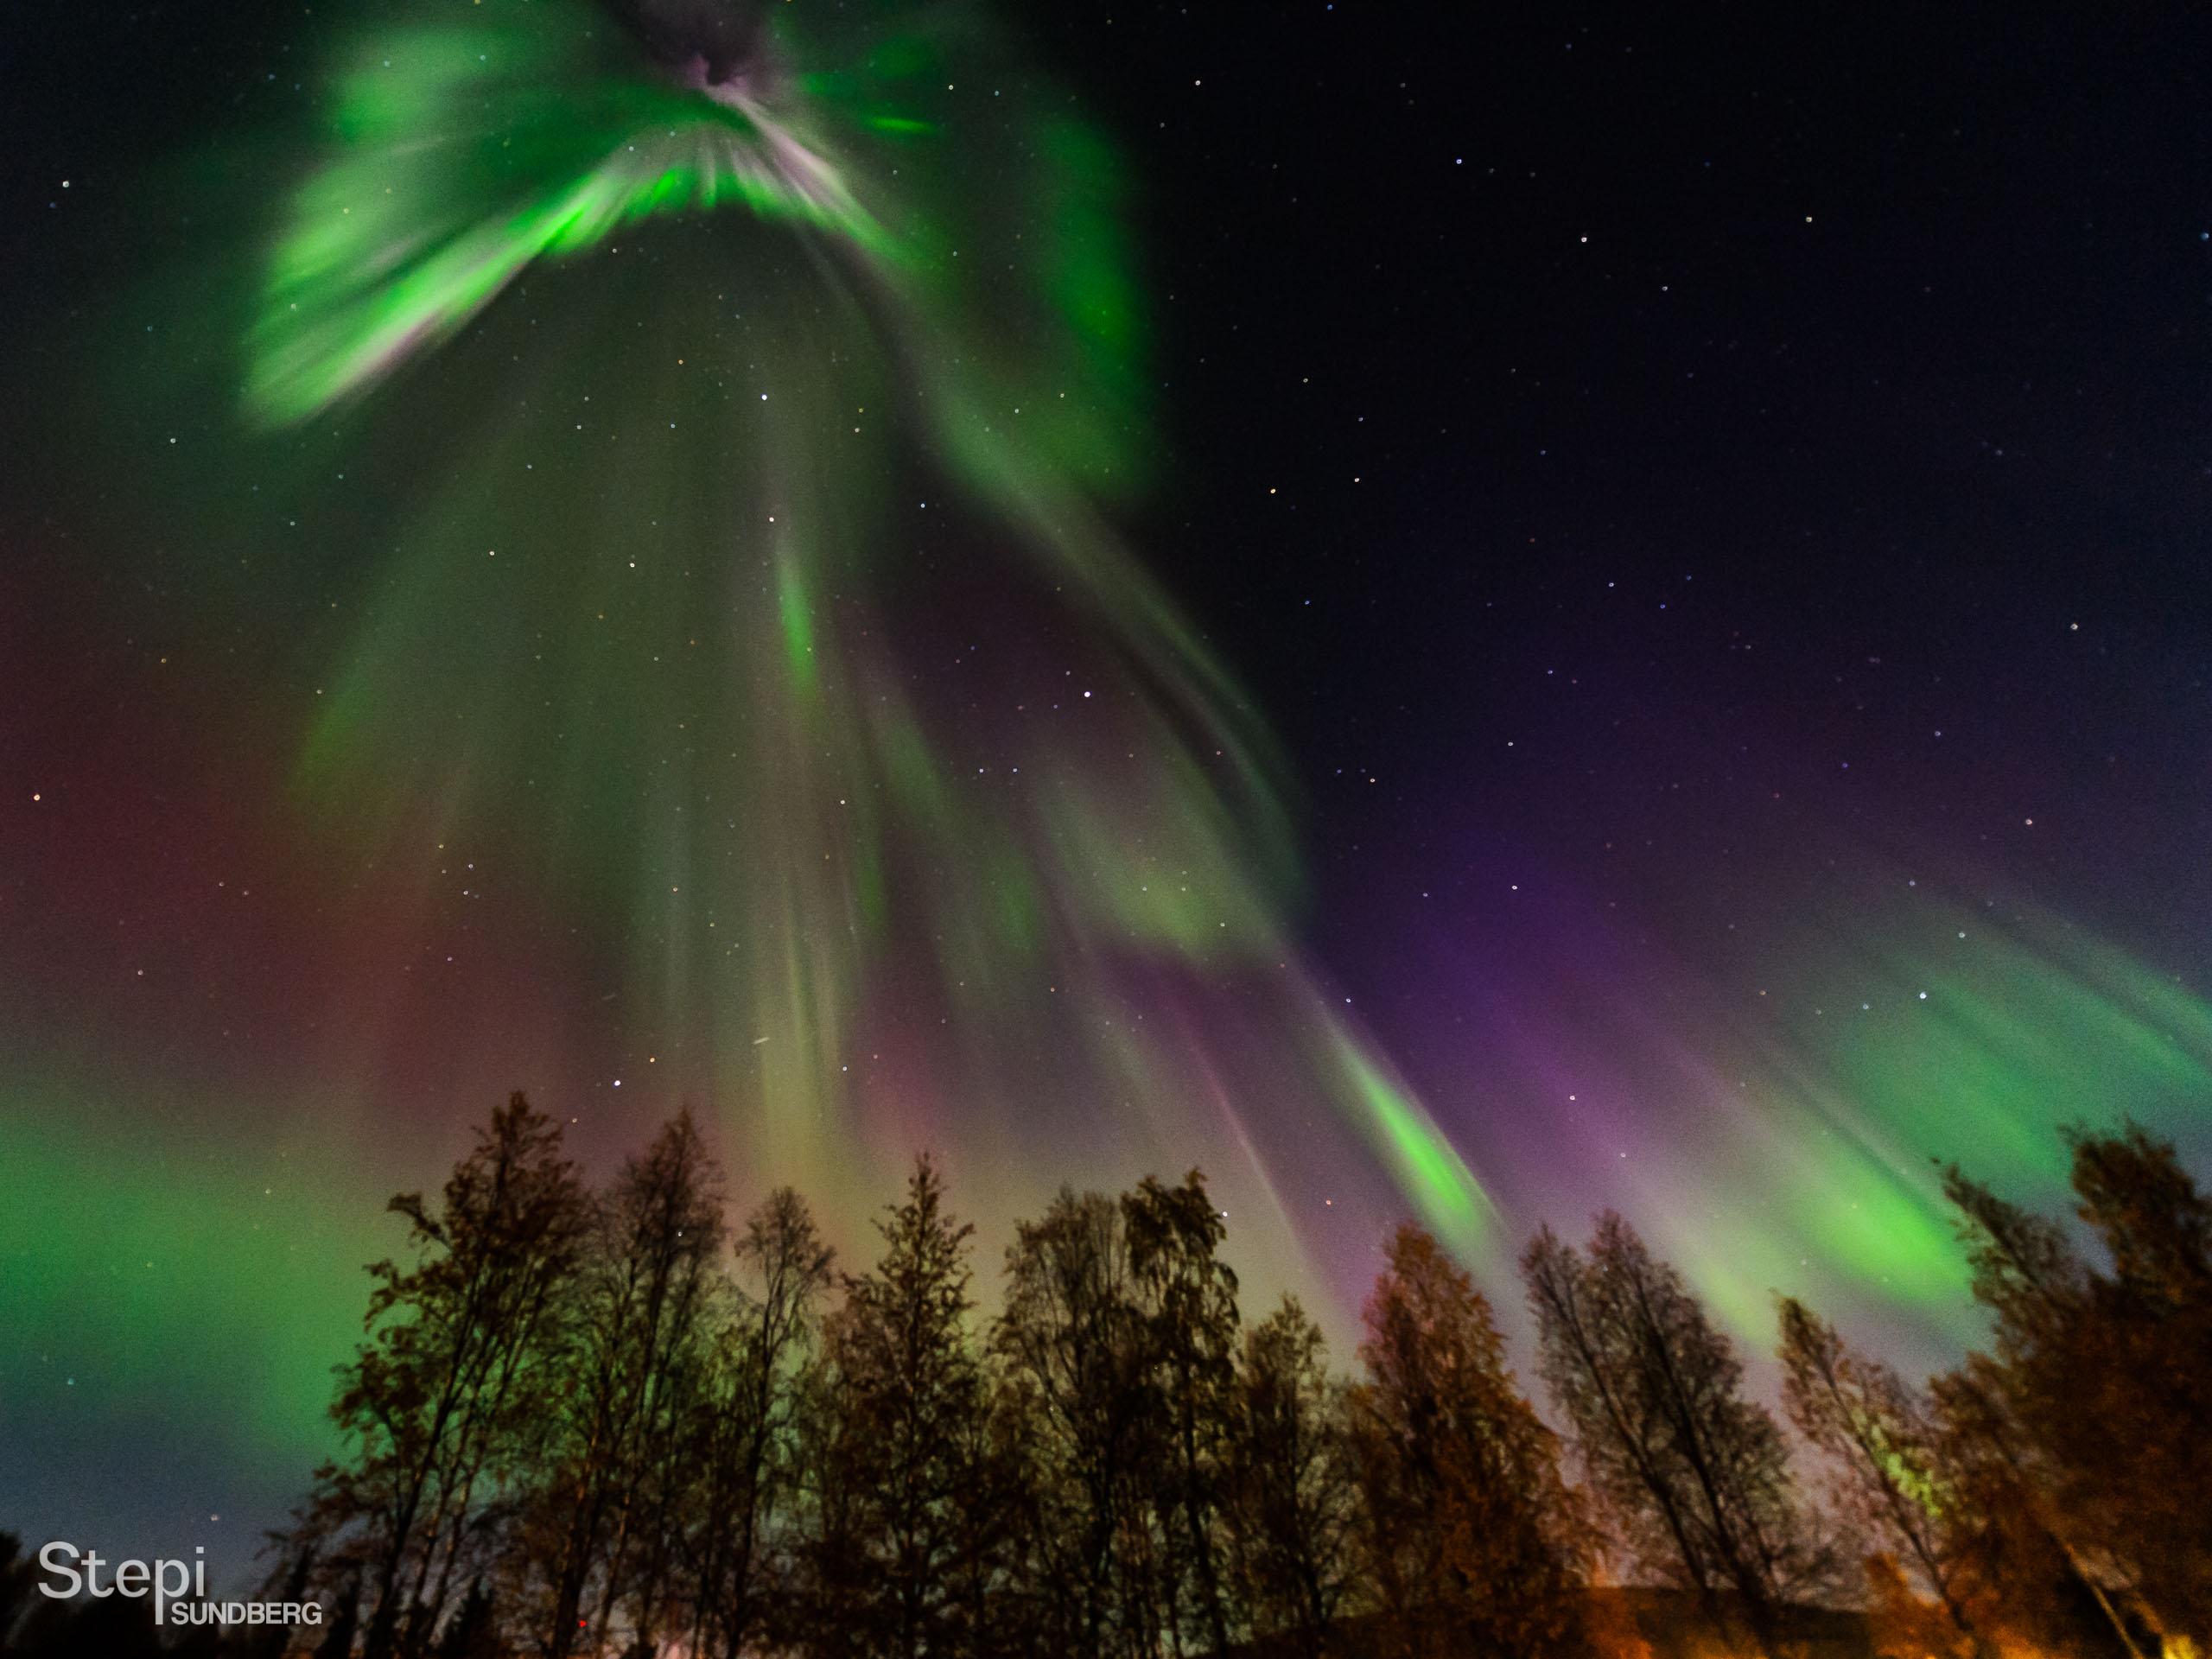 Valokuvaaja Stepi Sundberg luontokuva revontuli